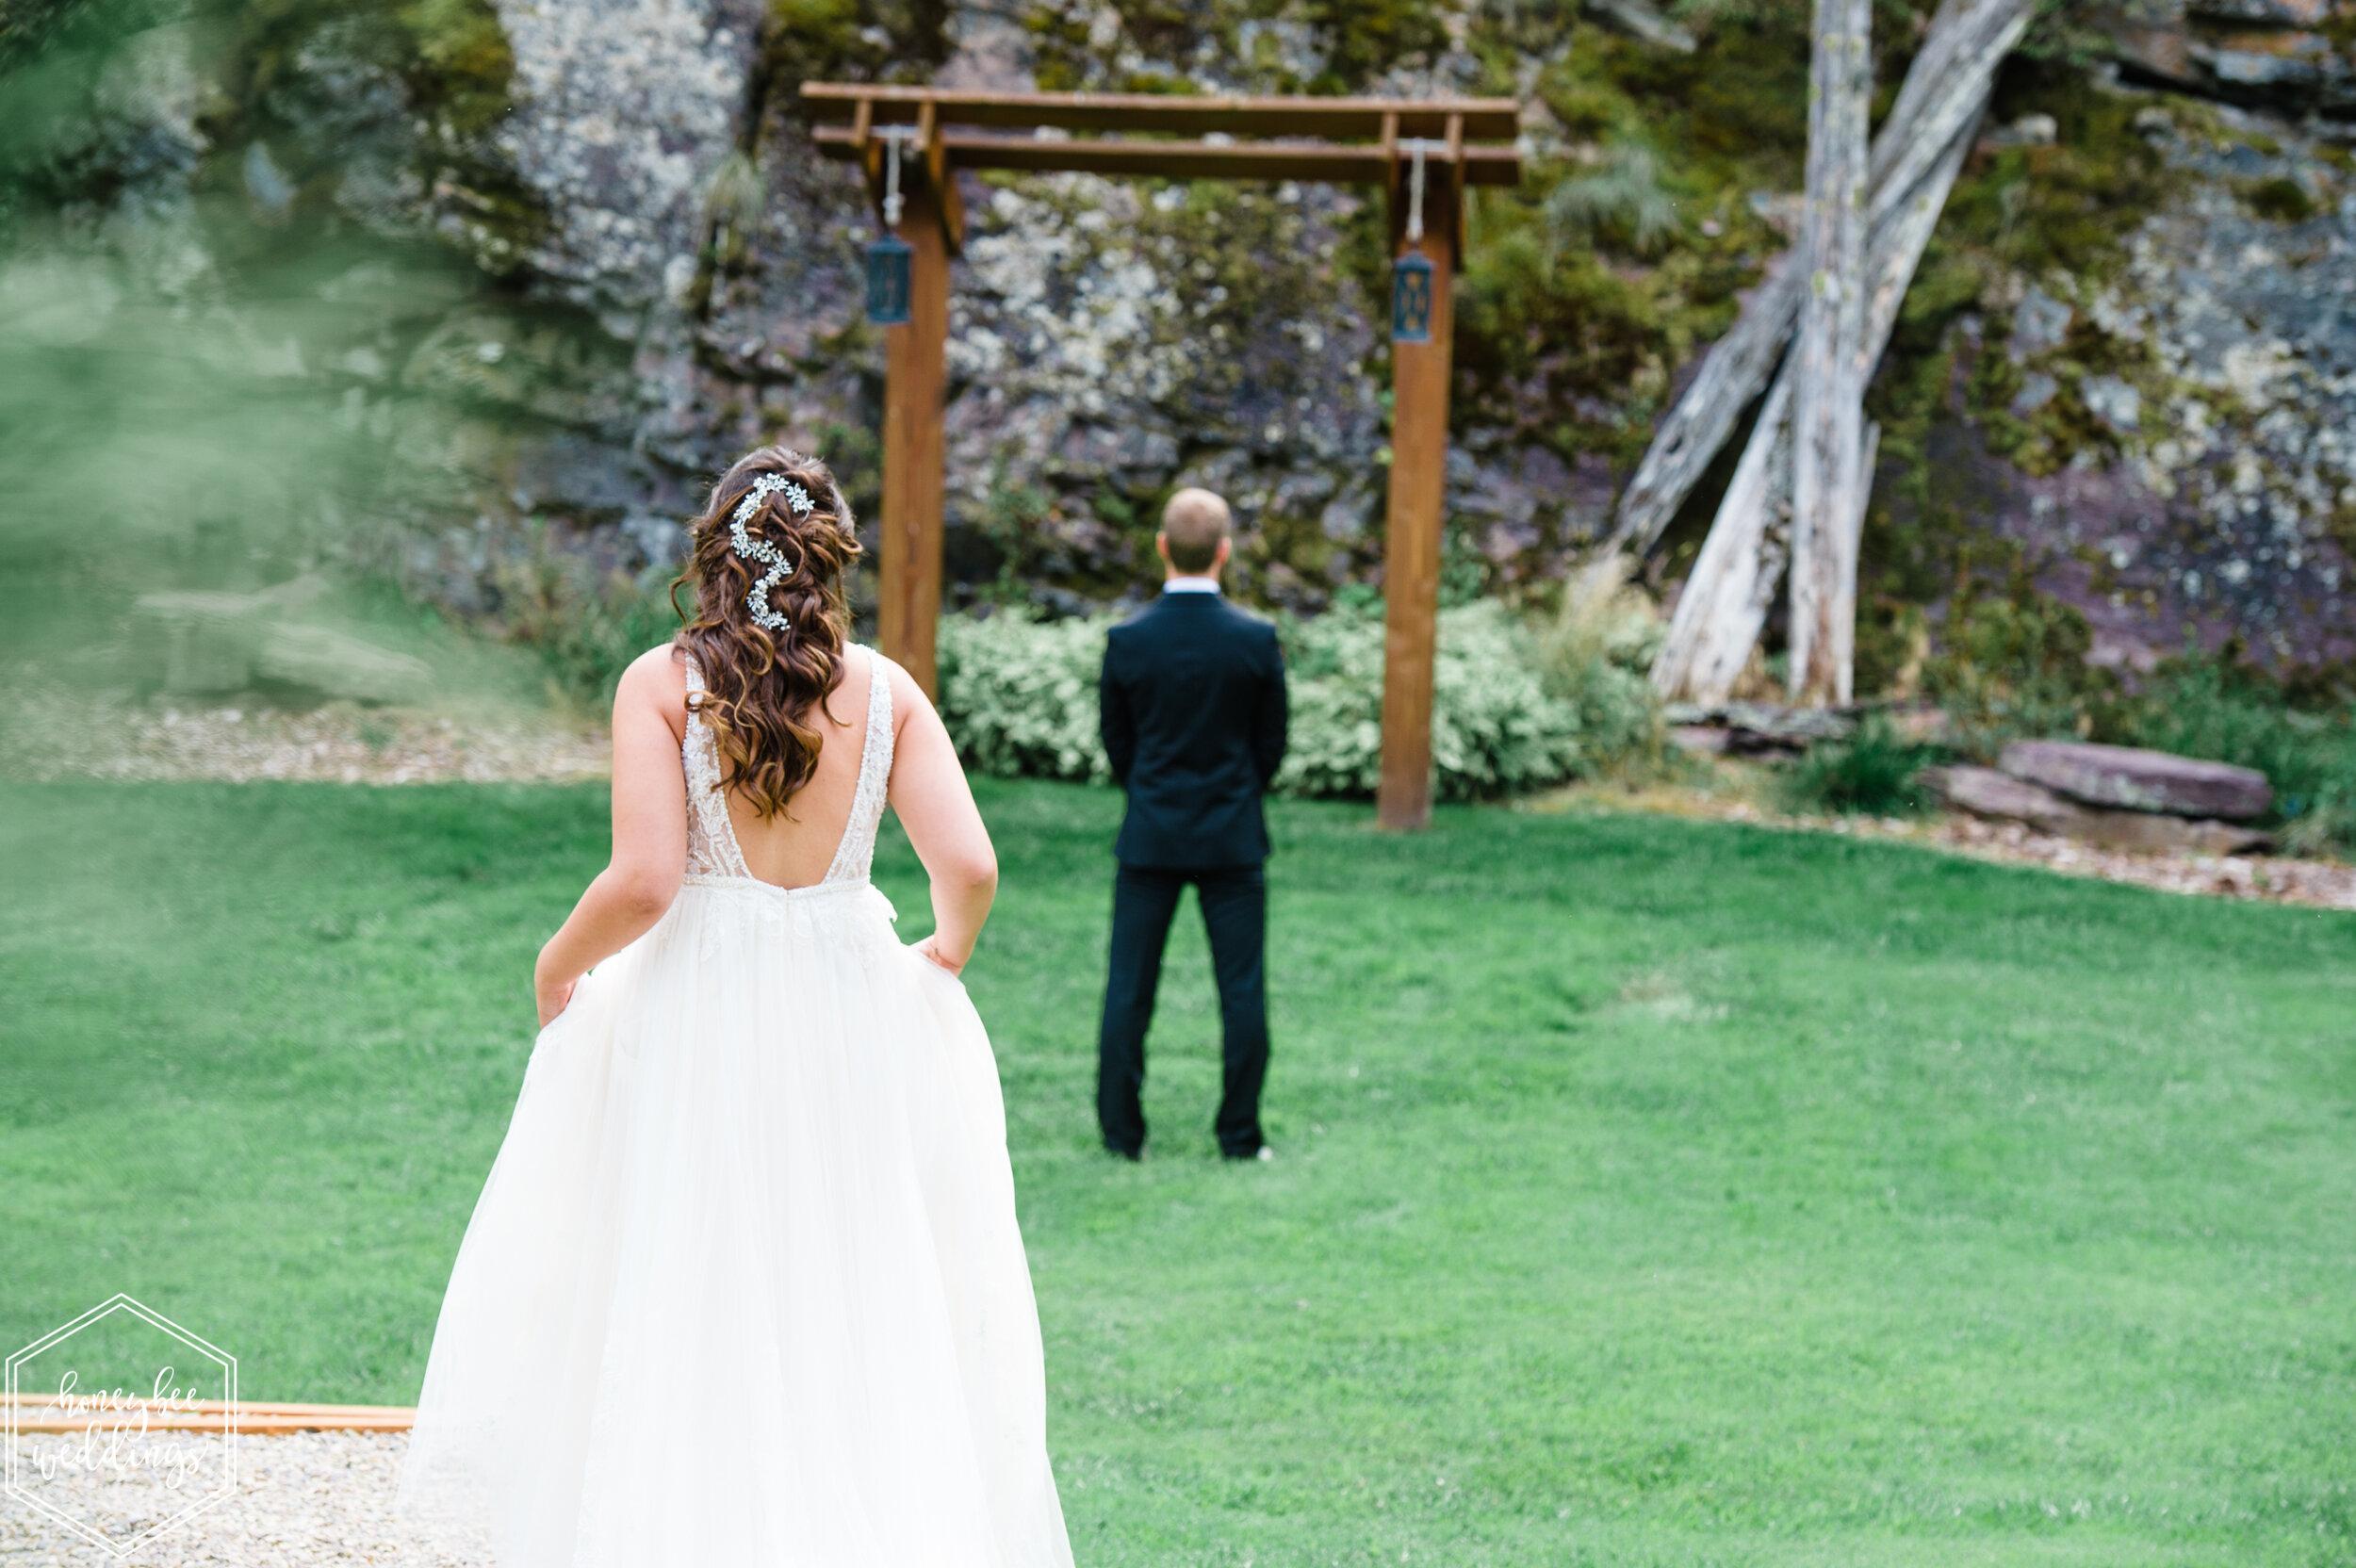 025White Raven Wedding_Montana Wedding Photographer_Corey & Corey_Honeybee Weddings_September 06, 2019-240.jpg